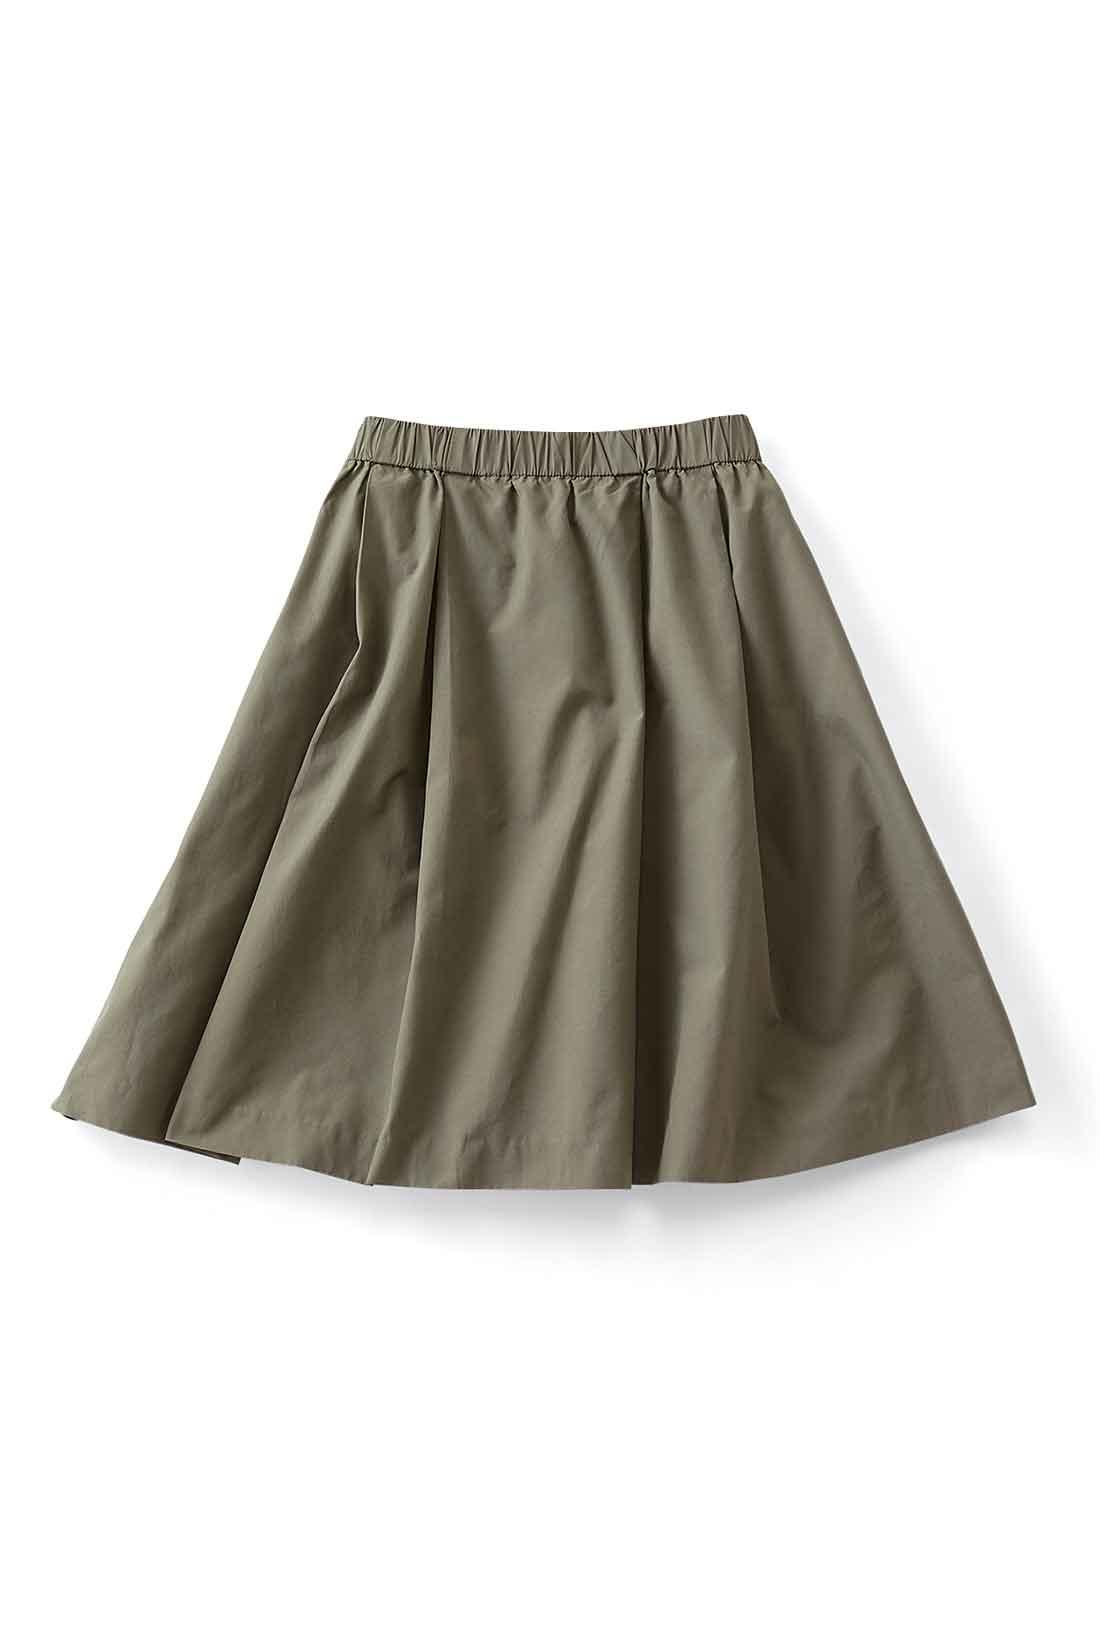 たっぷりフレアーがきれいに広がって、思わずくるりと回りたくなるスカート。